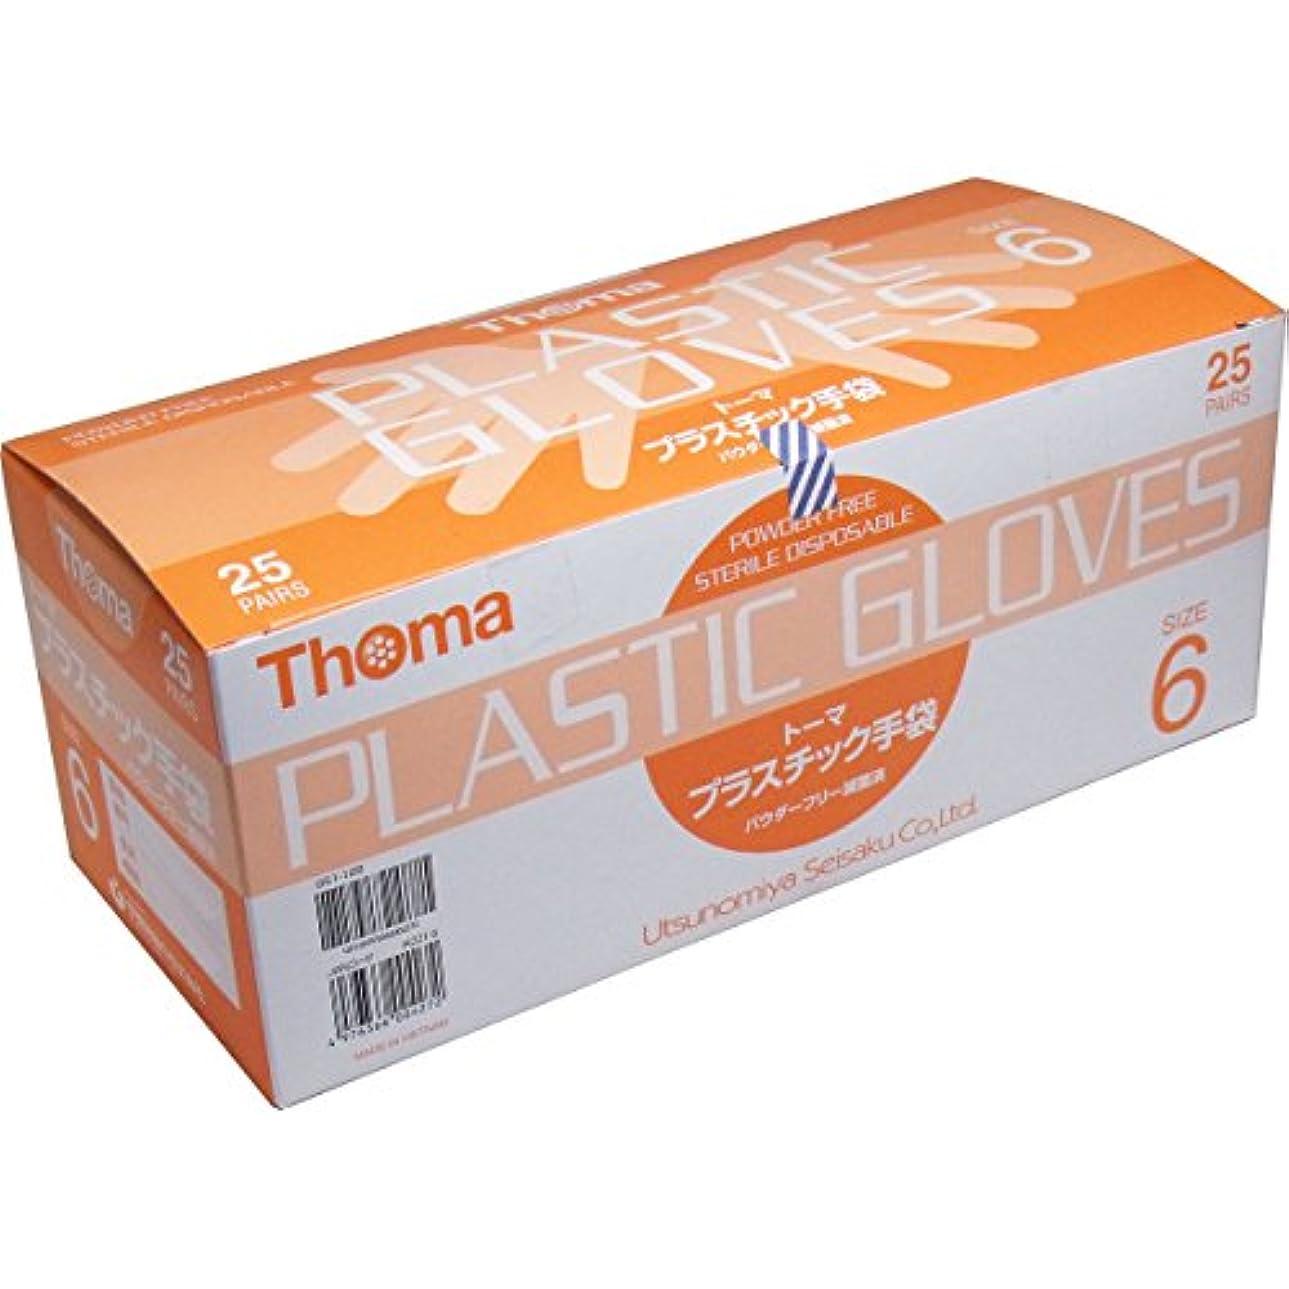 荷物寂しいコードレス超薄手プラスチック手袋 超薄手仕上げ 使いやすい トーマ プラスチック手袋 パウダーフリー滅菌済 25双入 サイズ6【5個セット】